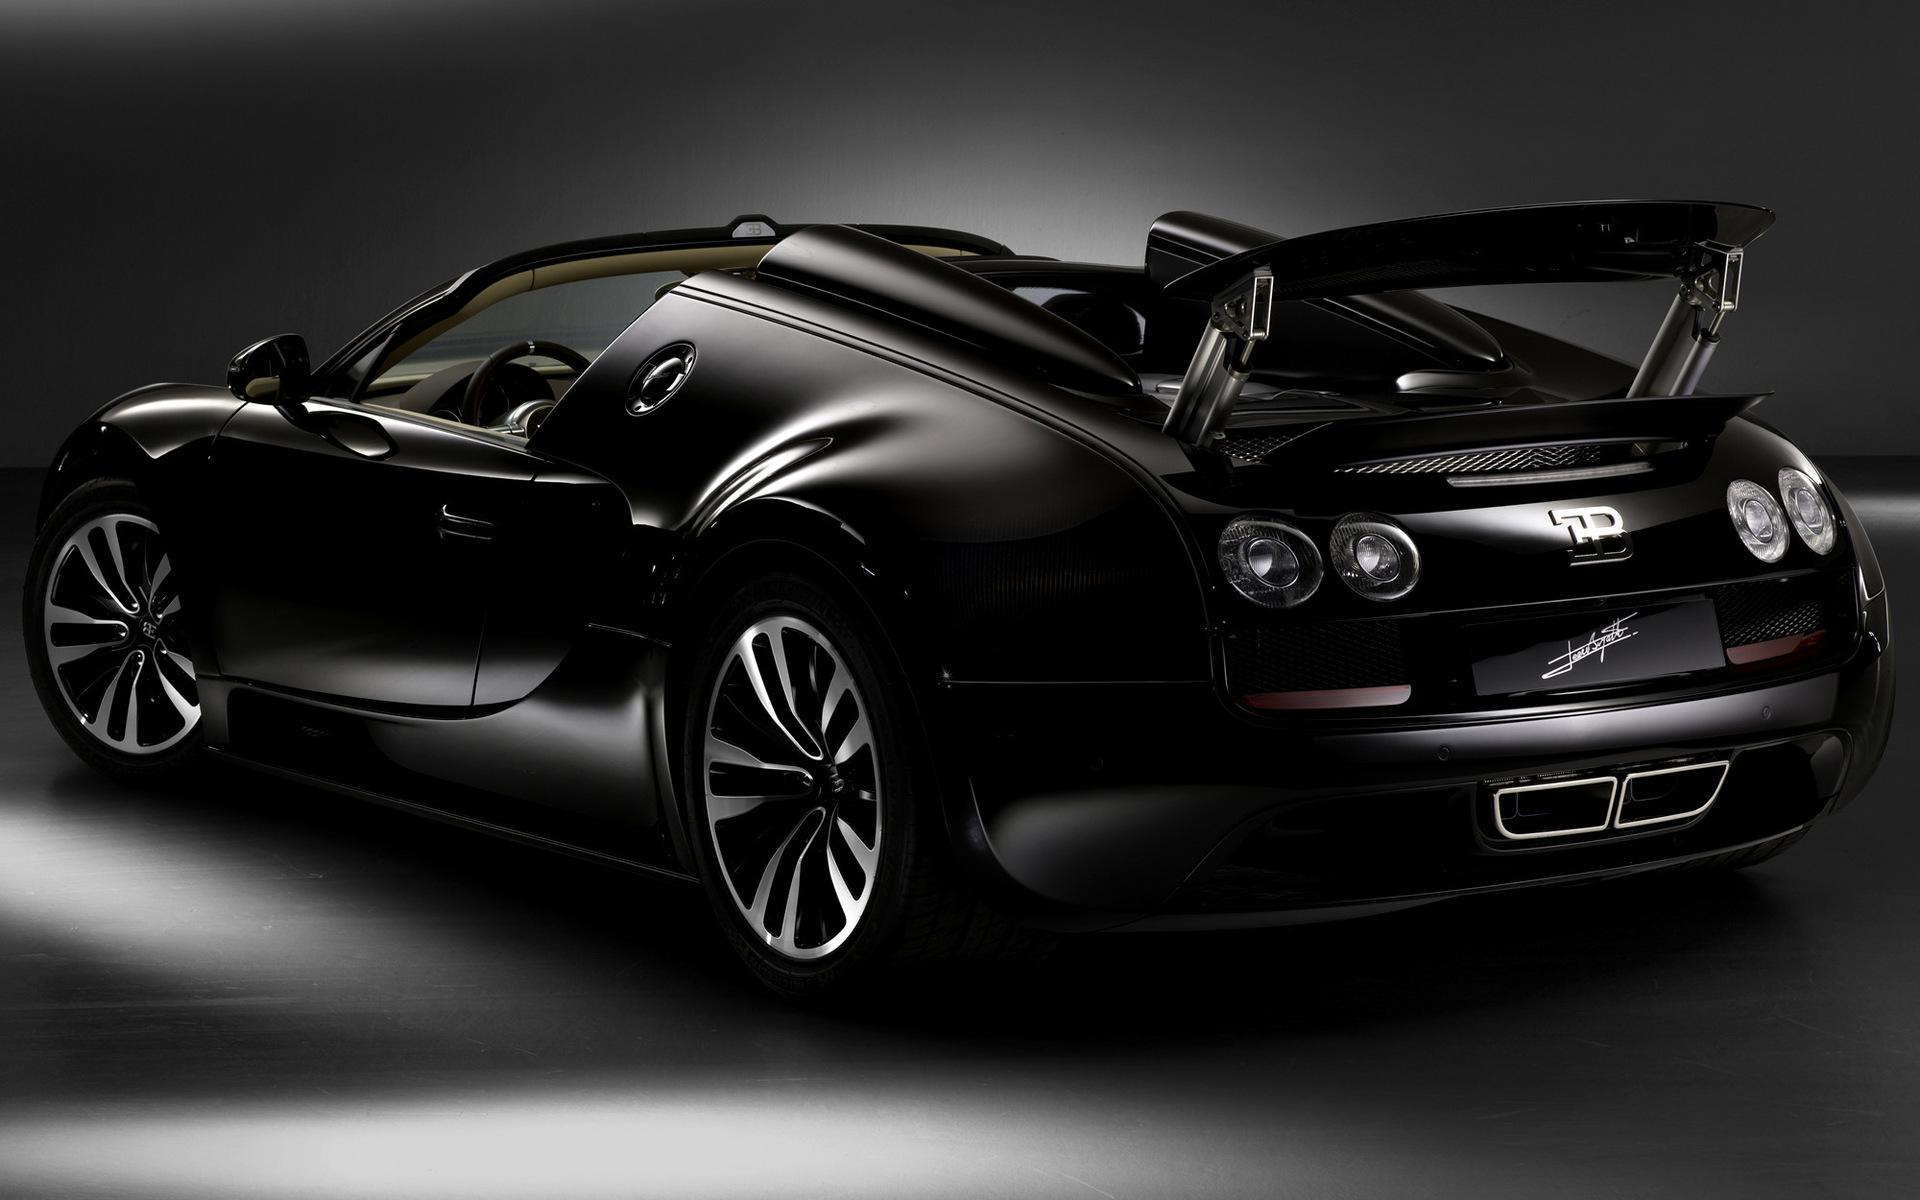 bugatti-veyron-grand-sport-vitesse-jean-bugatti-car-wallpaper-8620 Gorgeous Bugatti Veyron Grand Sport Vitesse Bleu Cars Trend